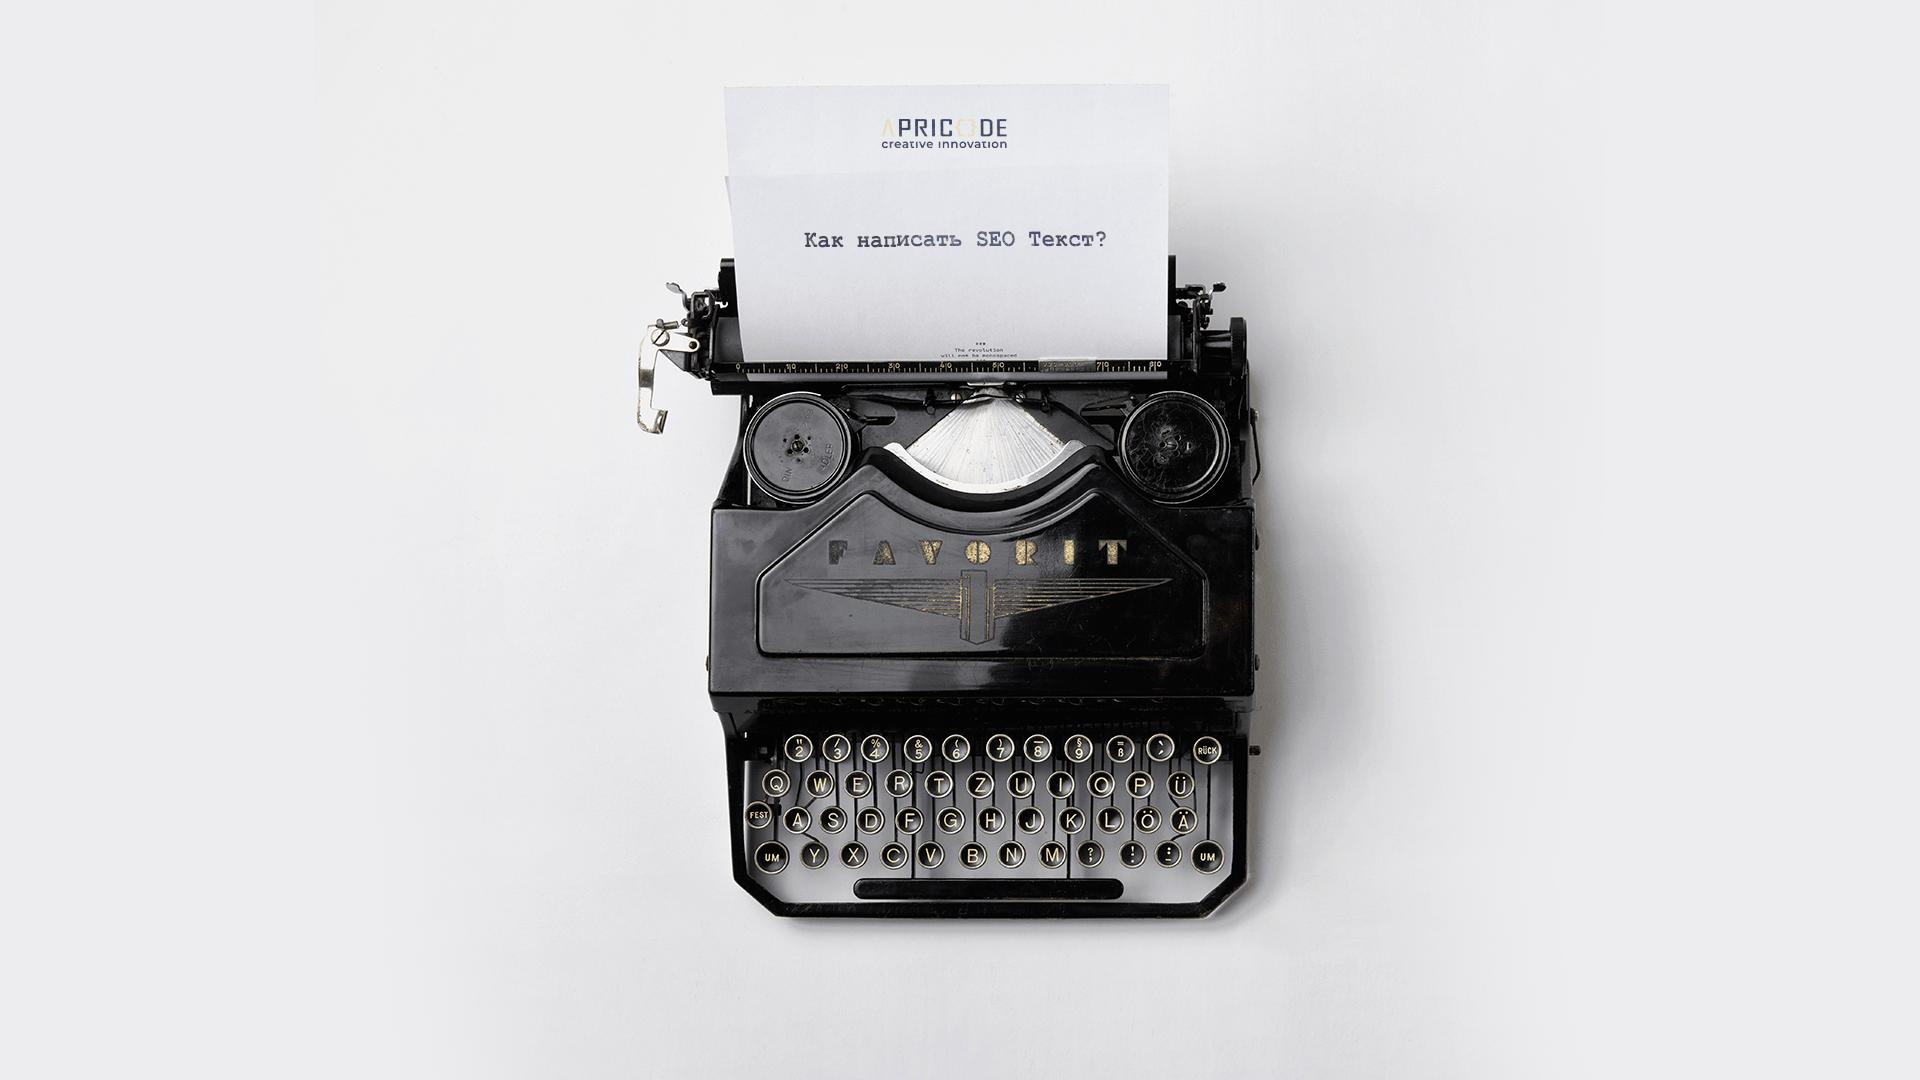 Як написати сео текст? рекомендації